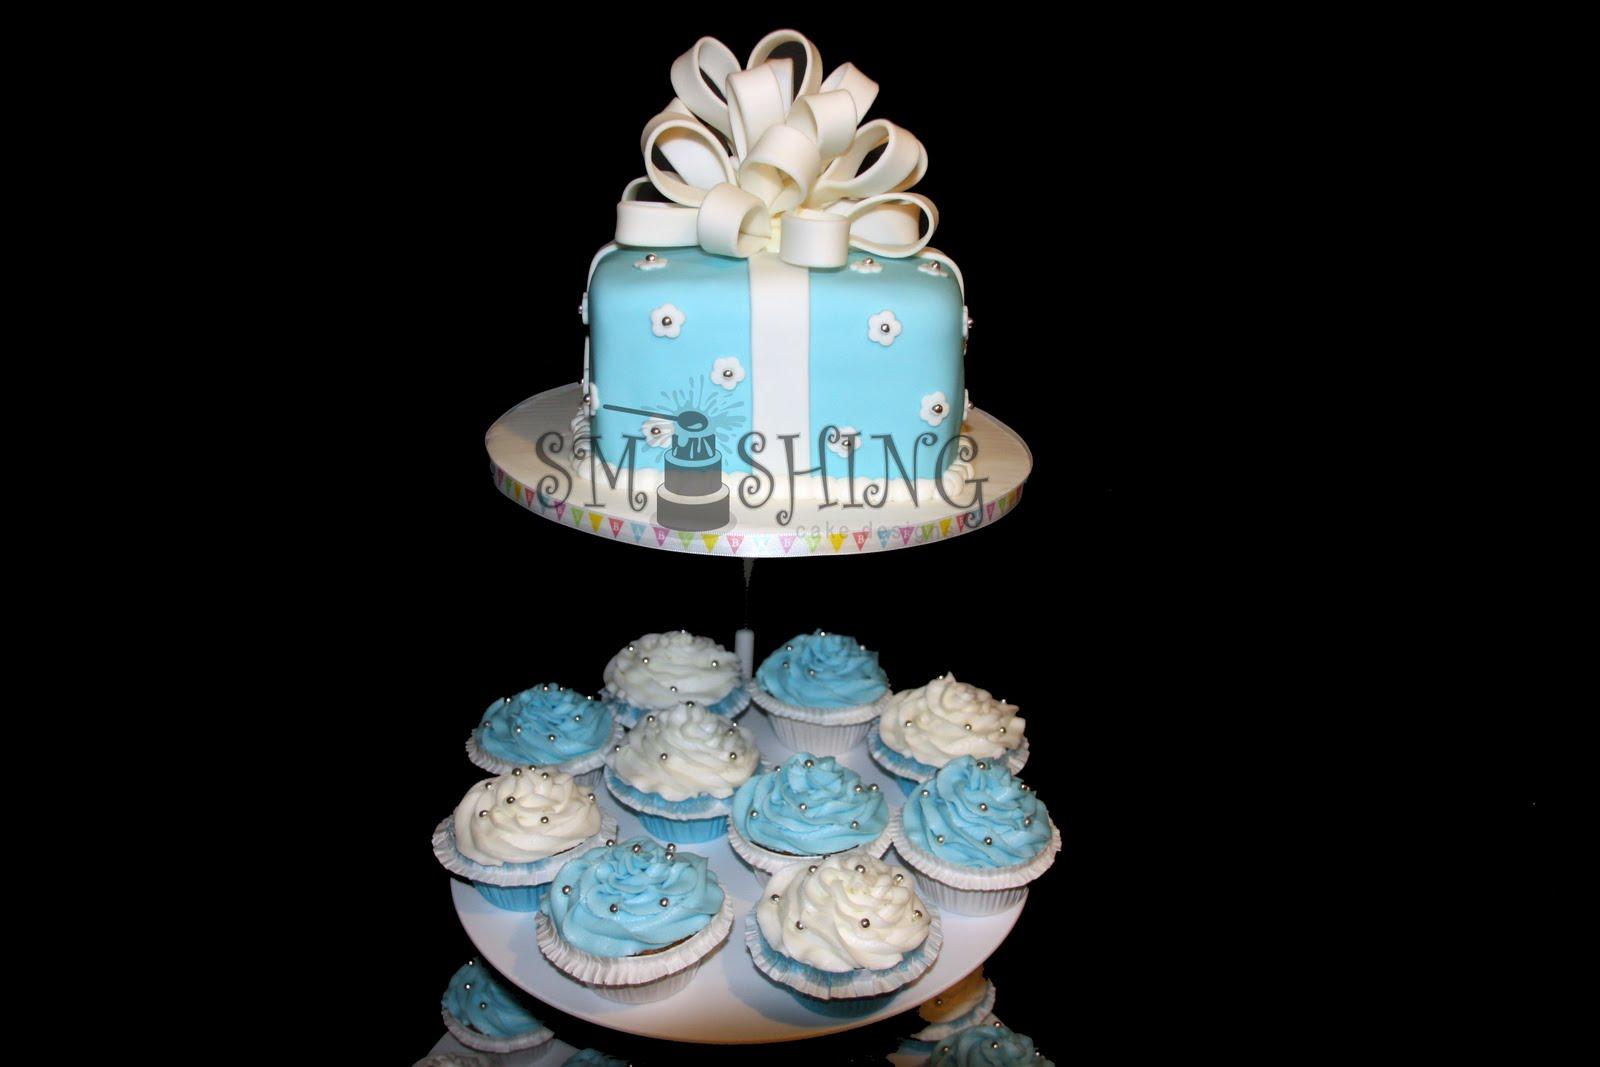 Baby Shower Cupcake Cakes Designs : Smashing Cake Designs: Blue and white baby shower cupcake ...